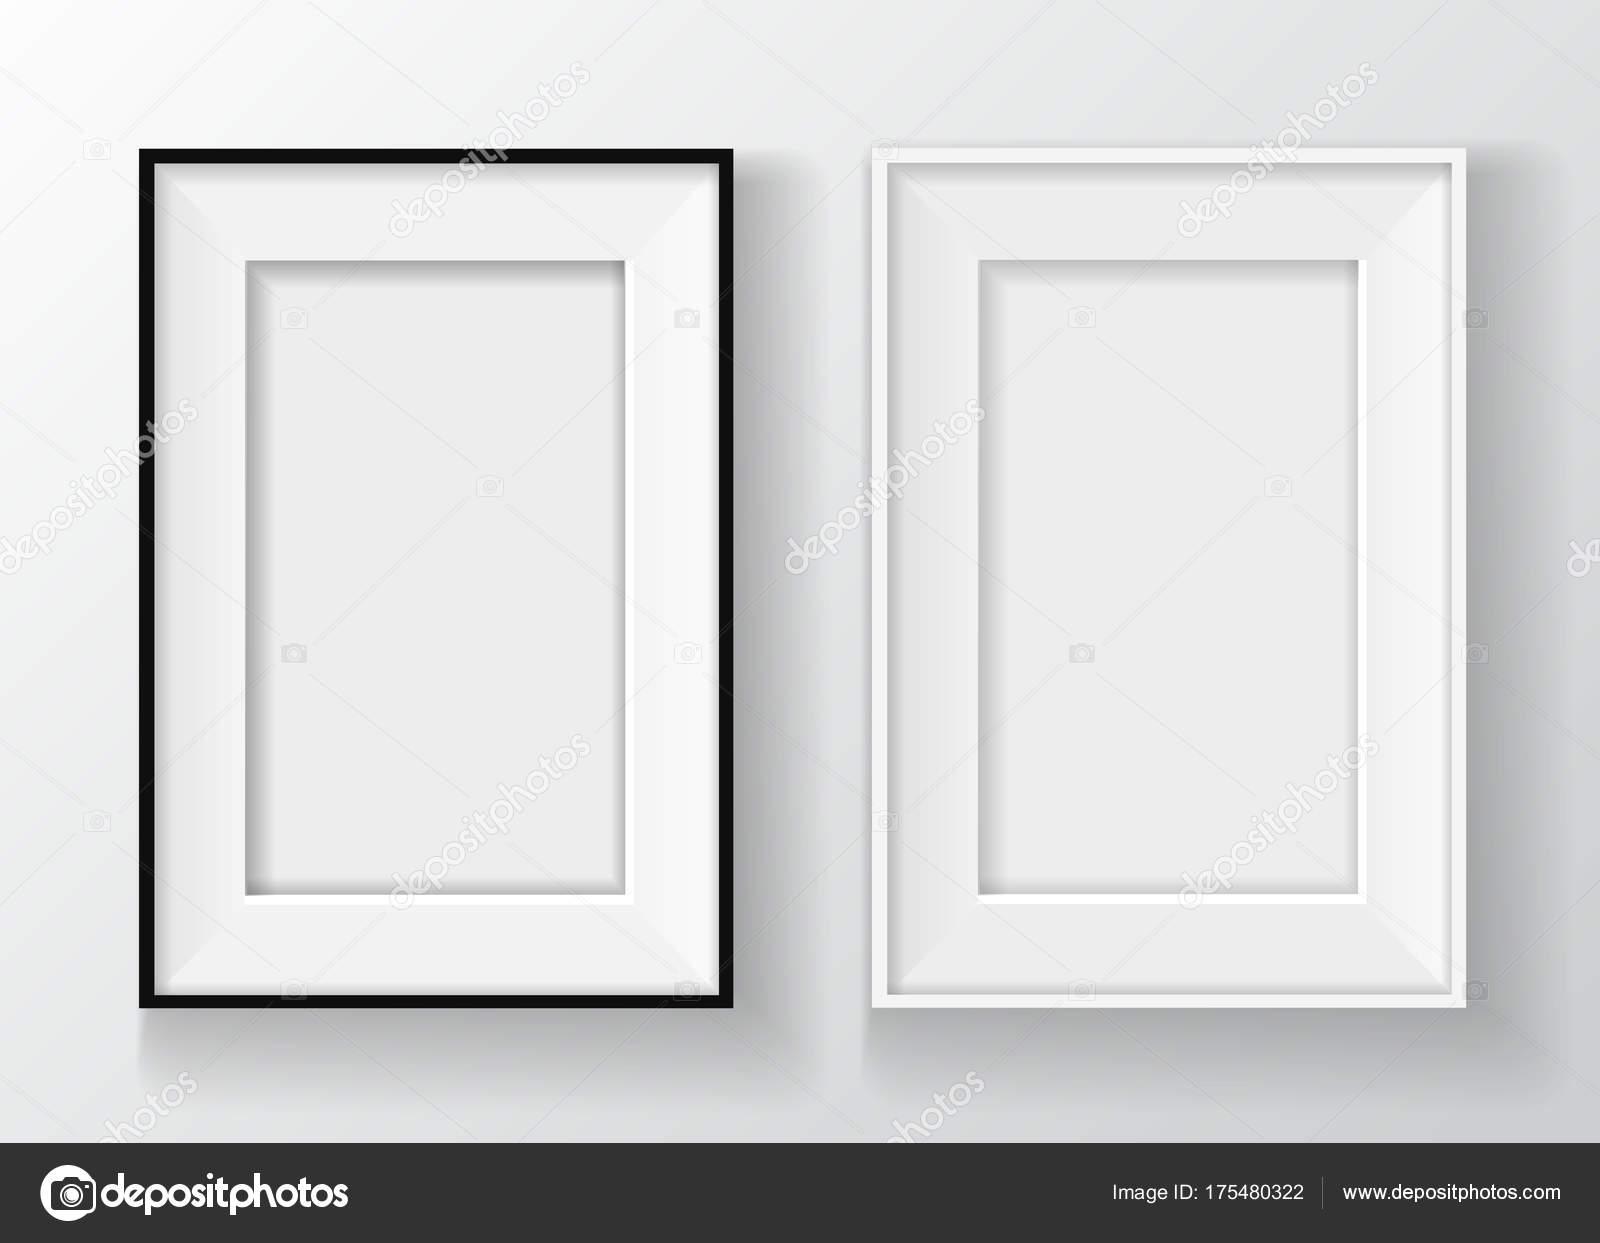 Realistische schwarz-weiß Bilderrahmen an der Wand isoliert auf ...